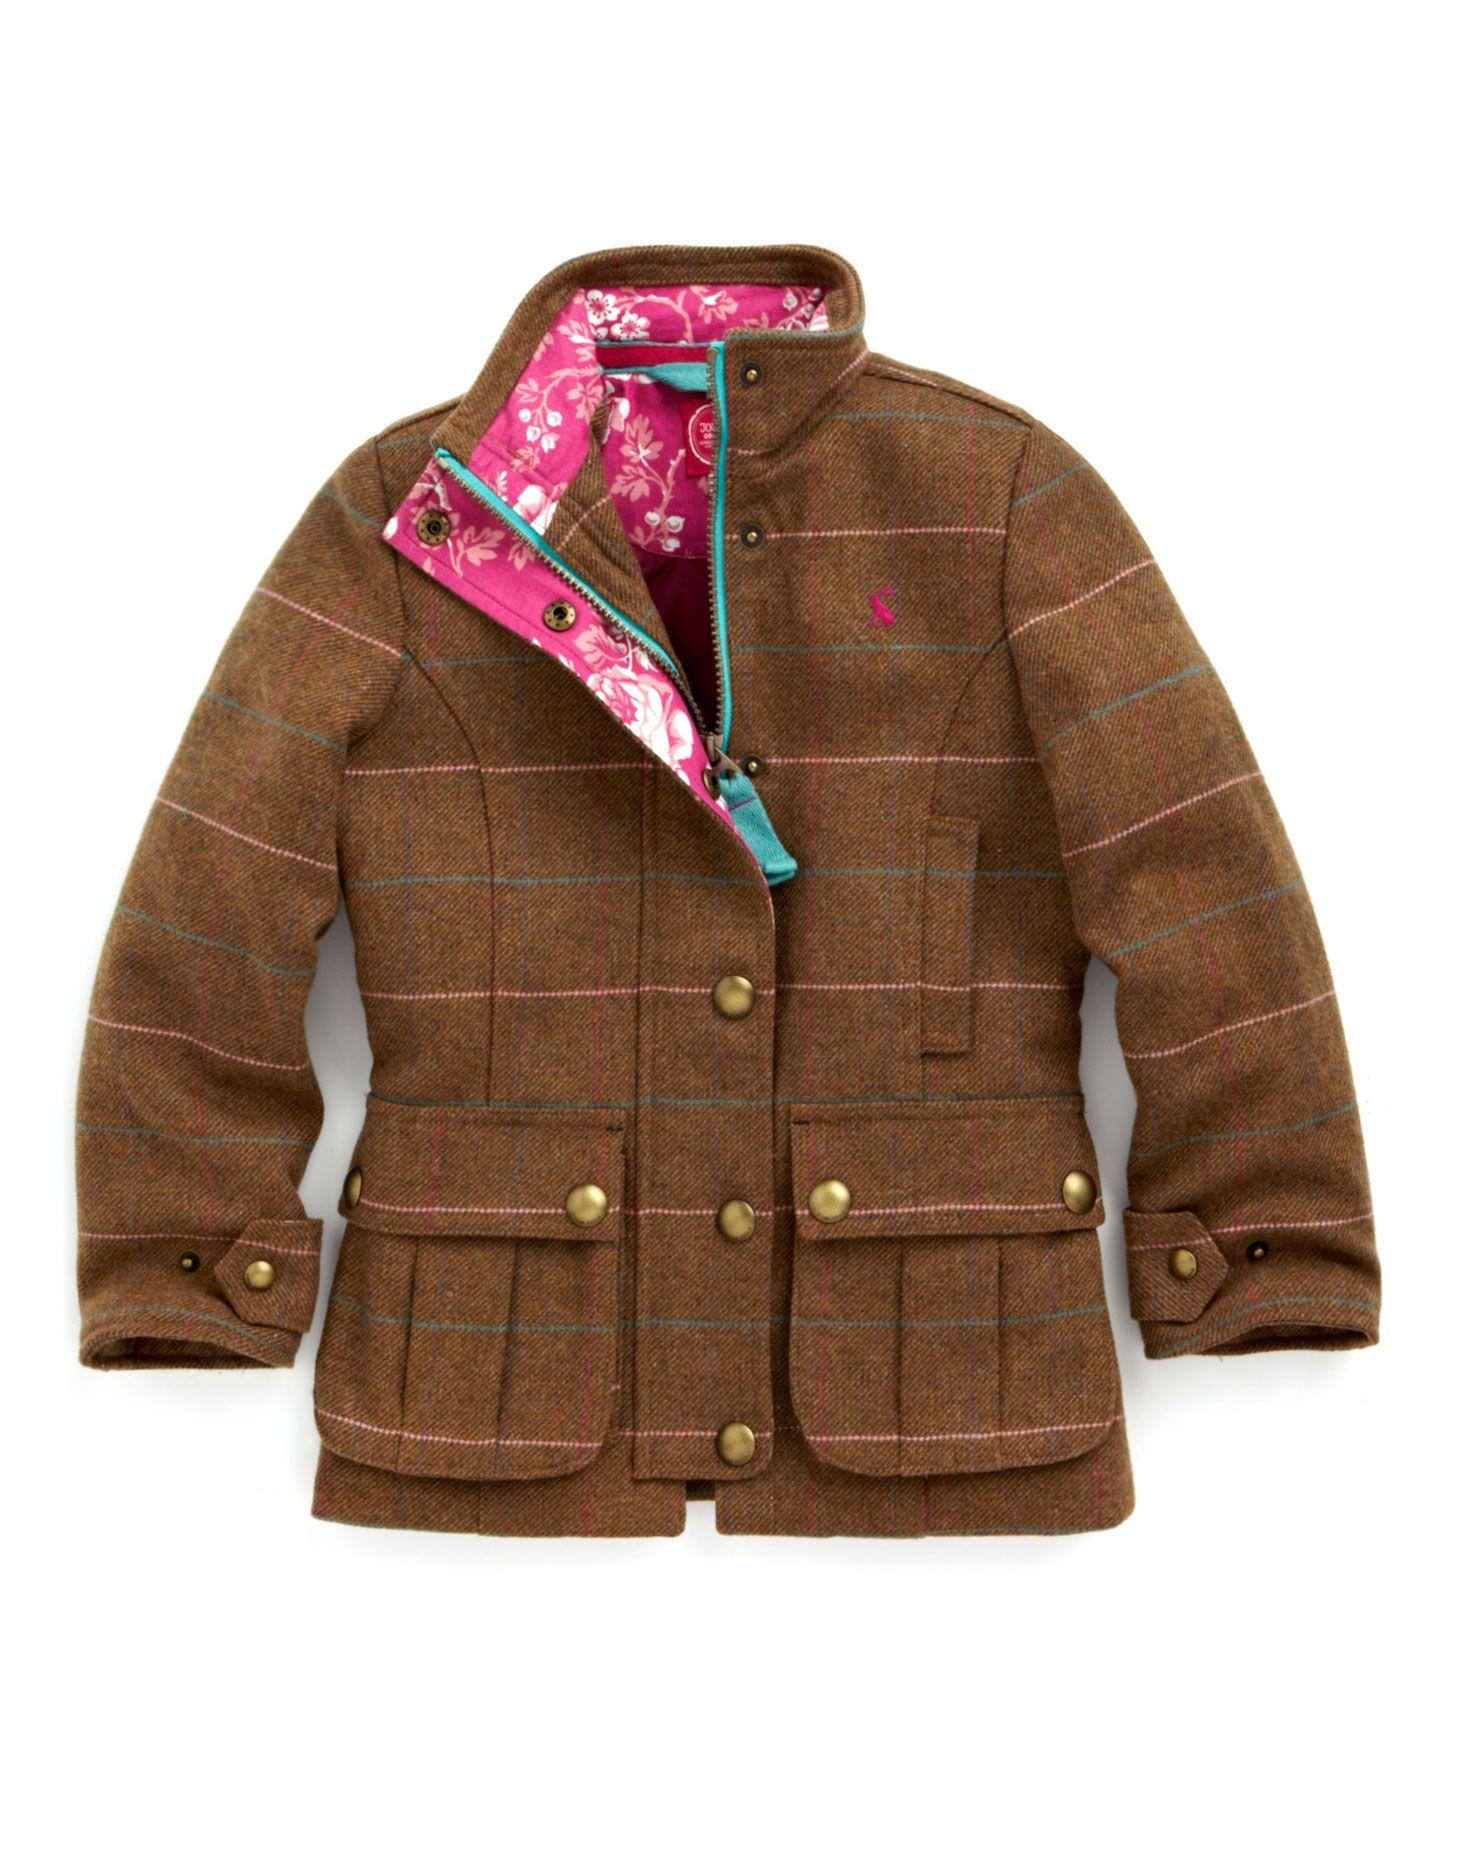 42d200b355ee9 JNR ASTBURY Girls Tweed Coats, Brown // Joules | Little Style ...